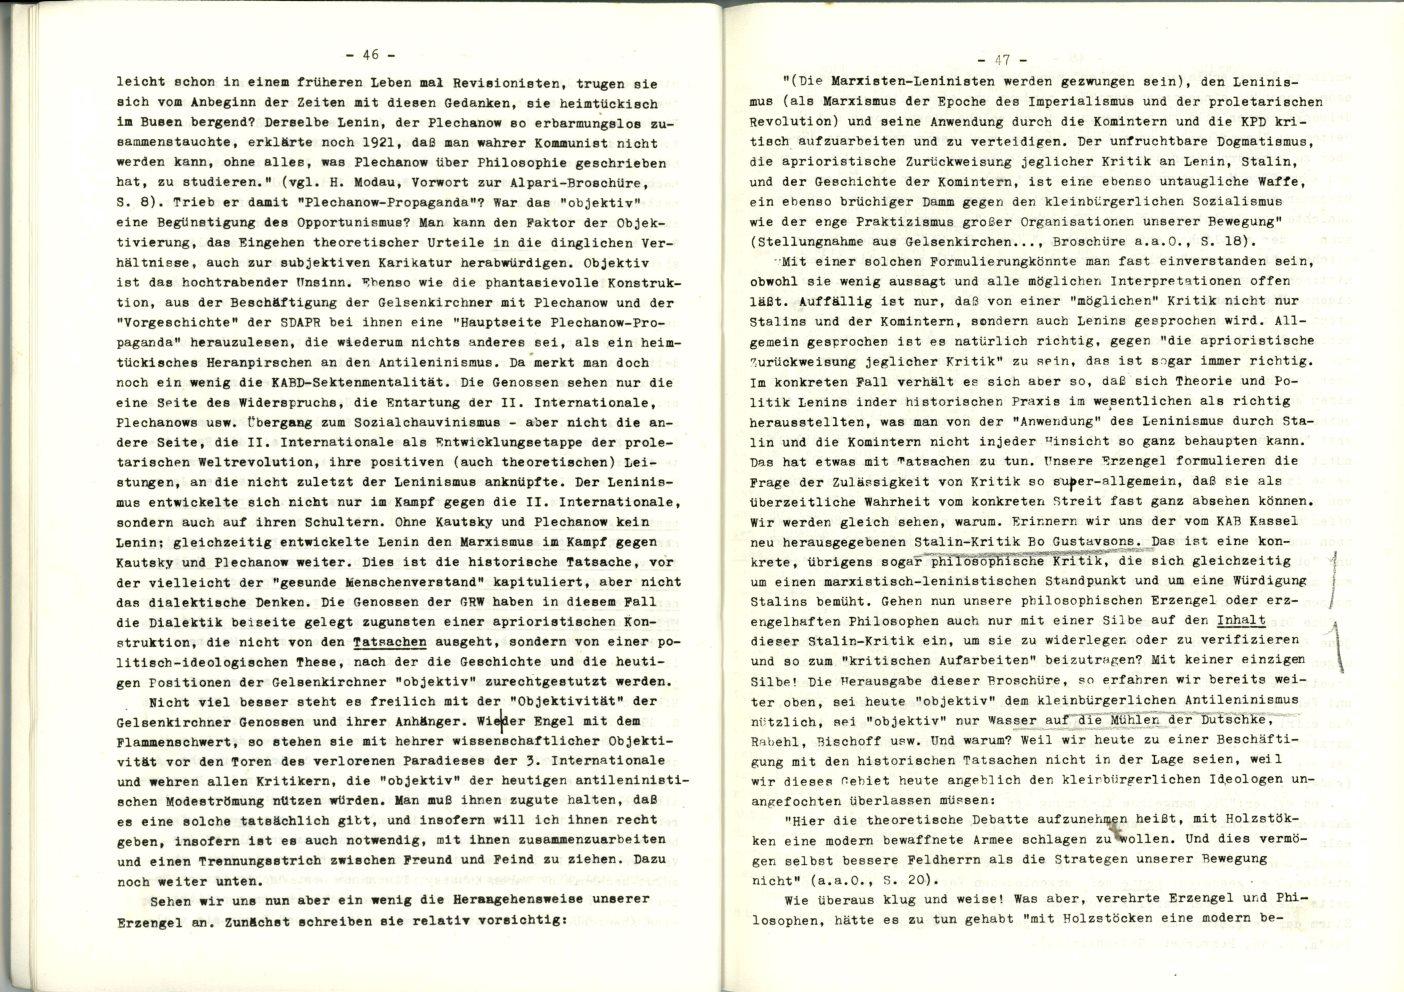 Nuernberg_Fuerth_Erlangen_ML_Diskussionsbeitraege_1979_02_24